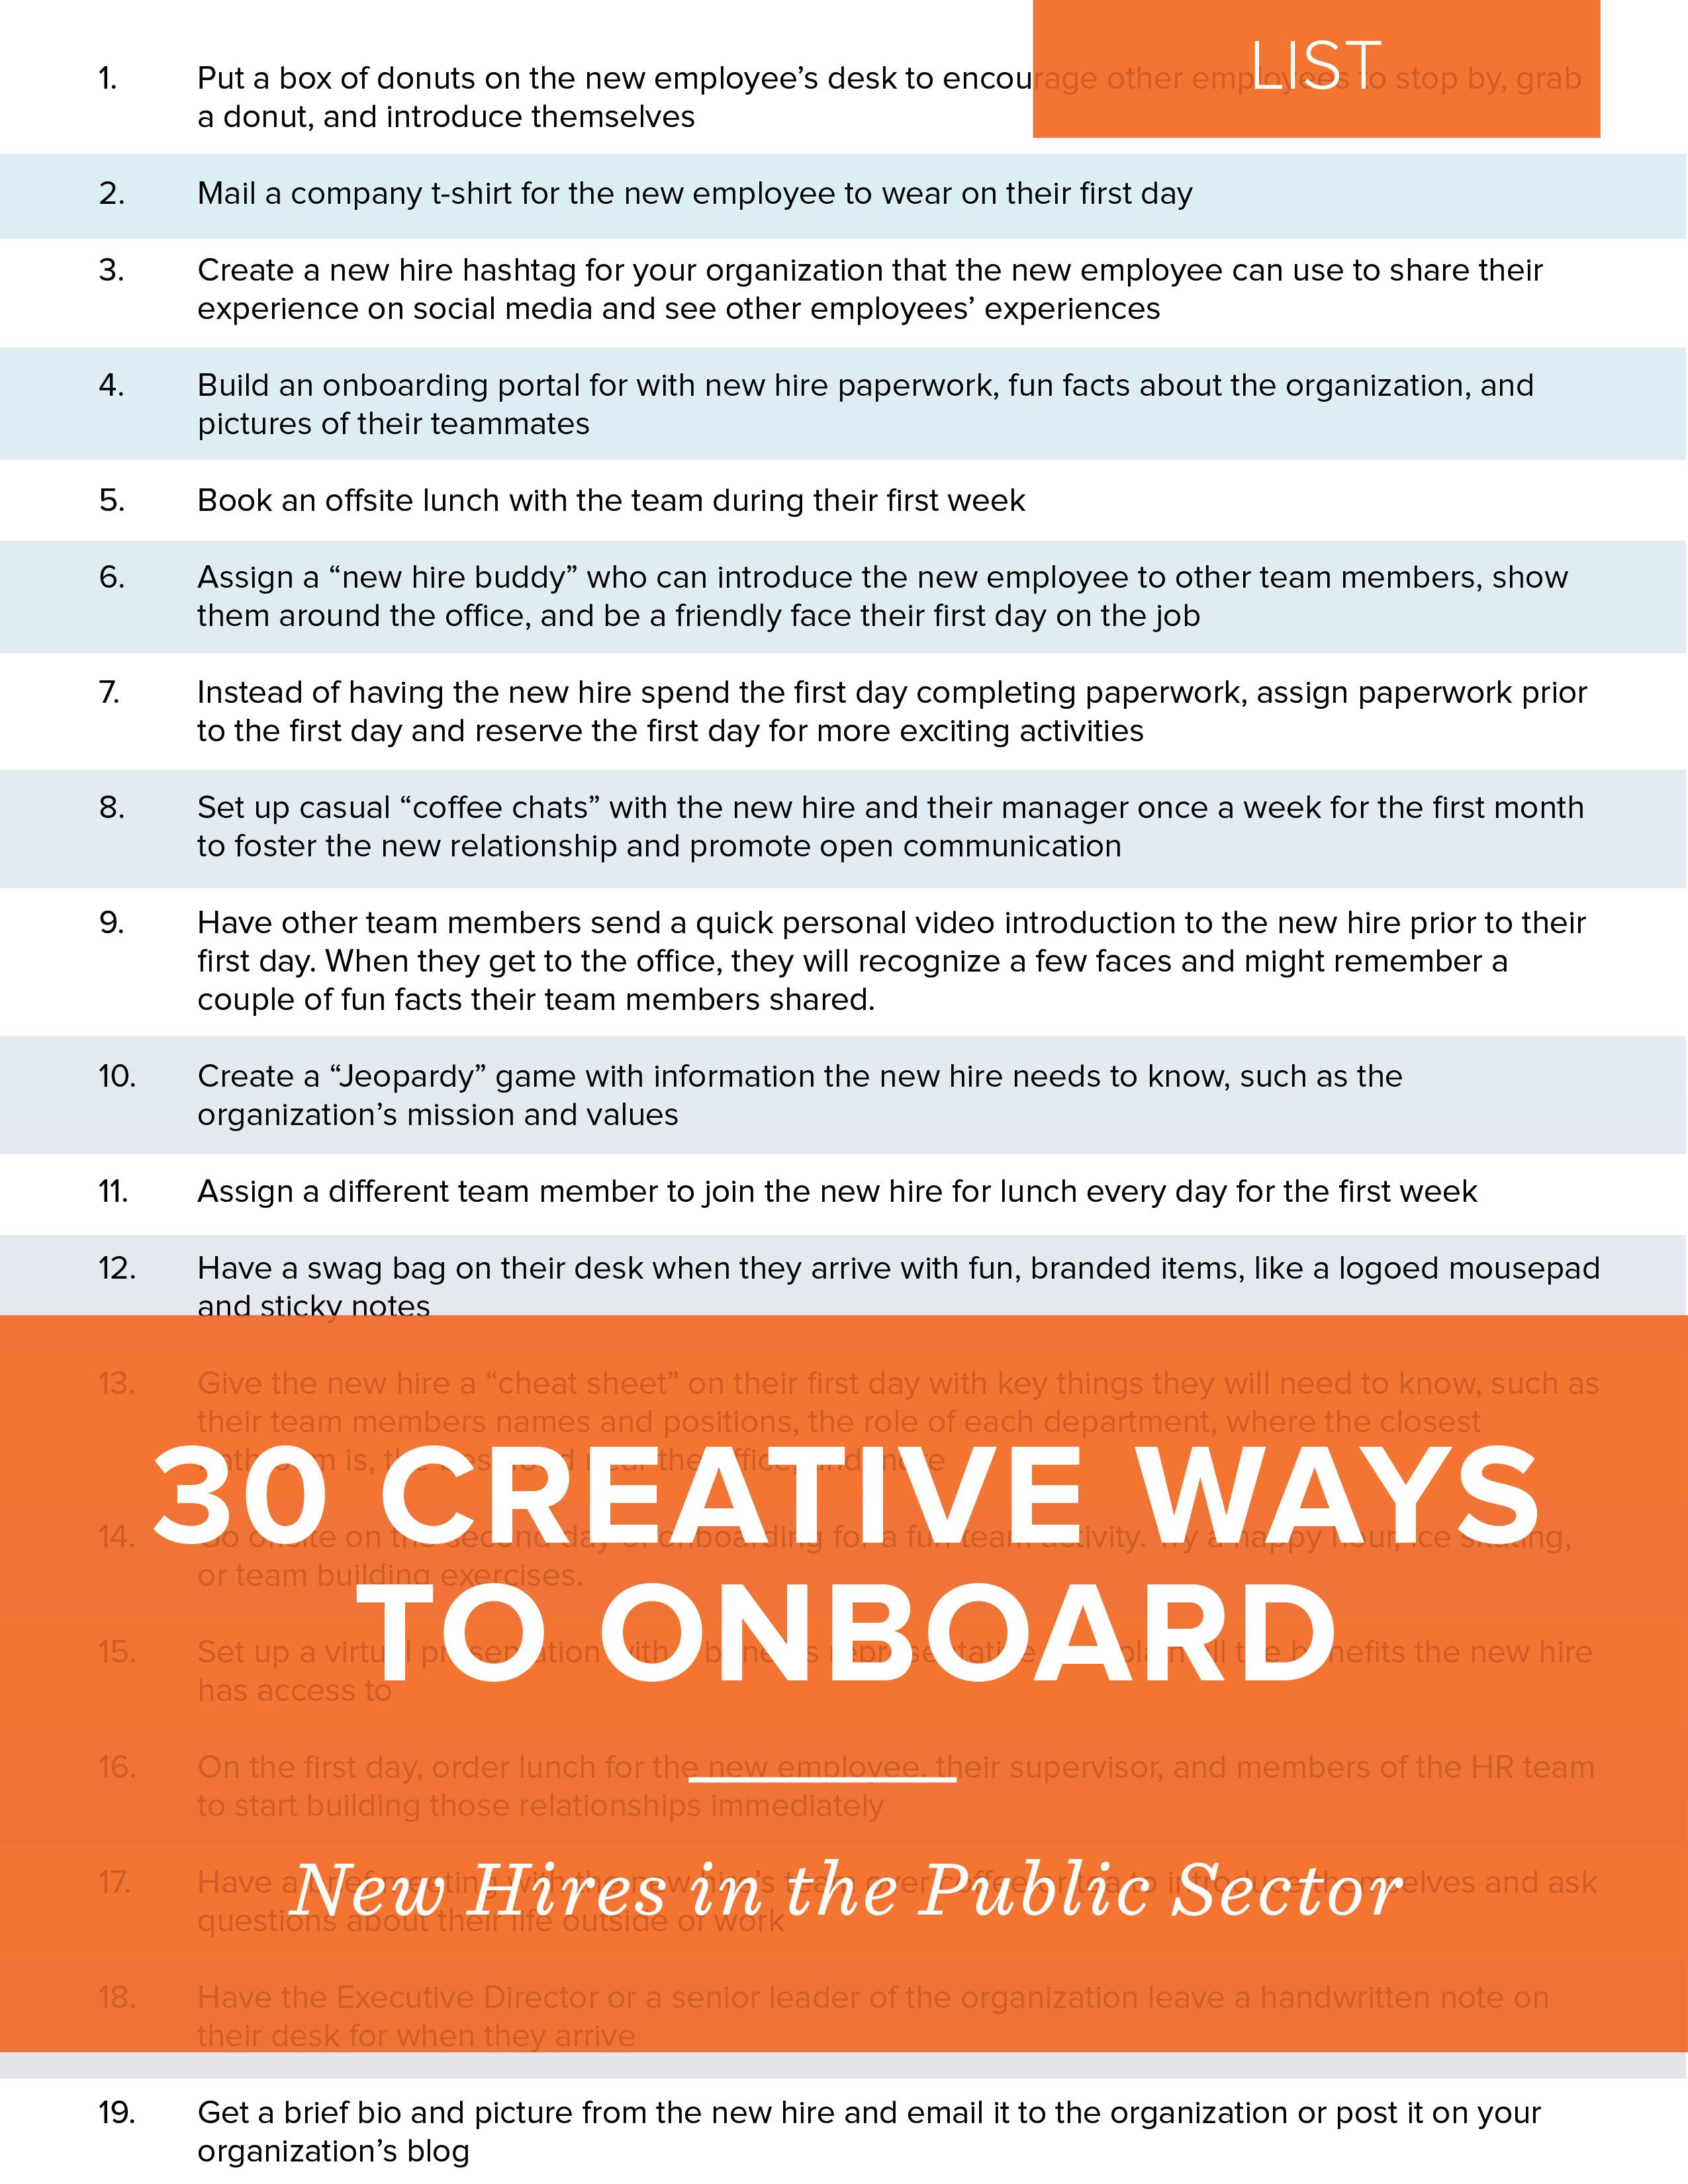 NEOGOV List - 30 Creative Ways to Onboard